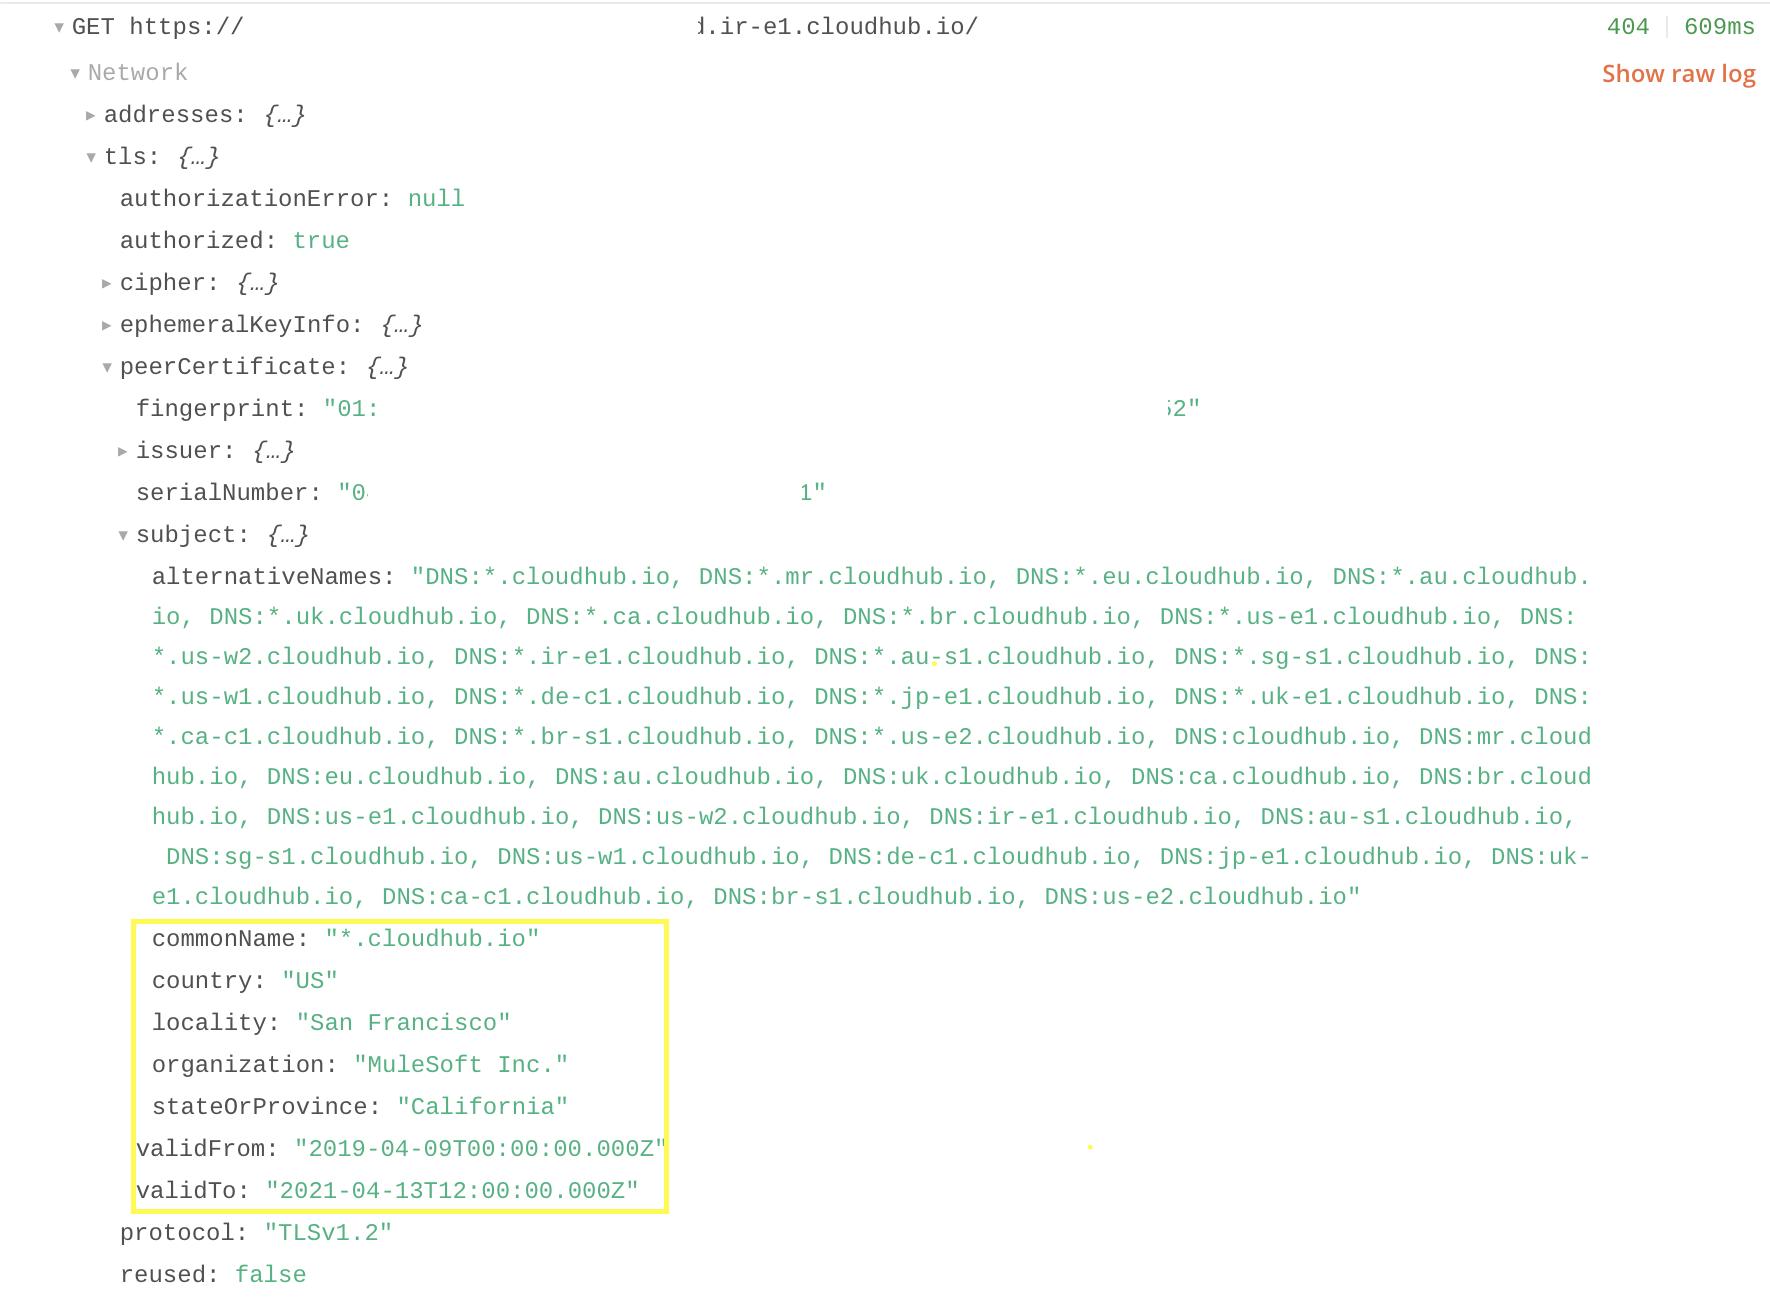 Checking API with Postman